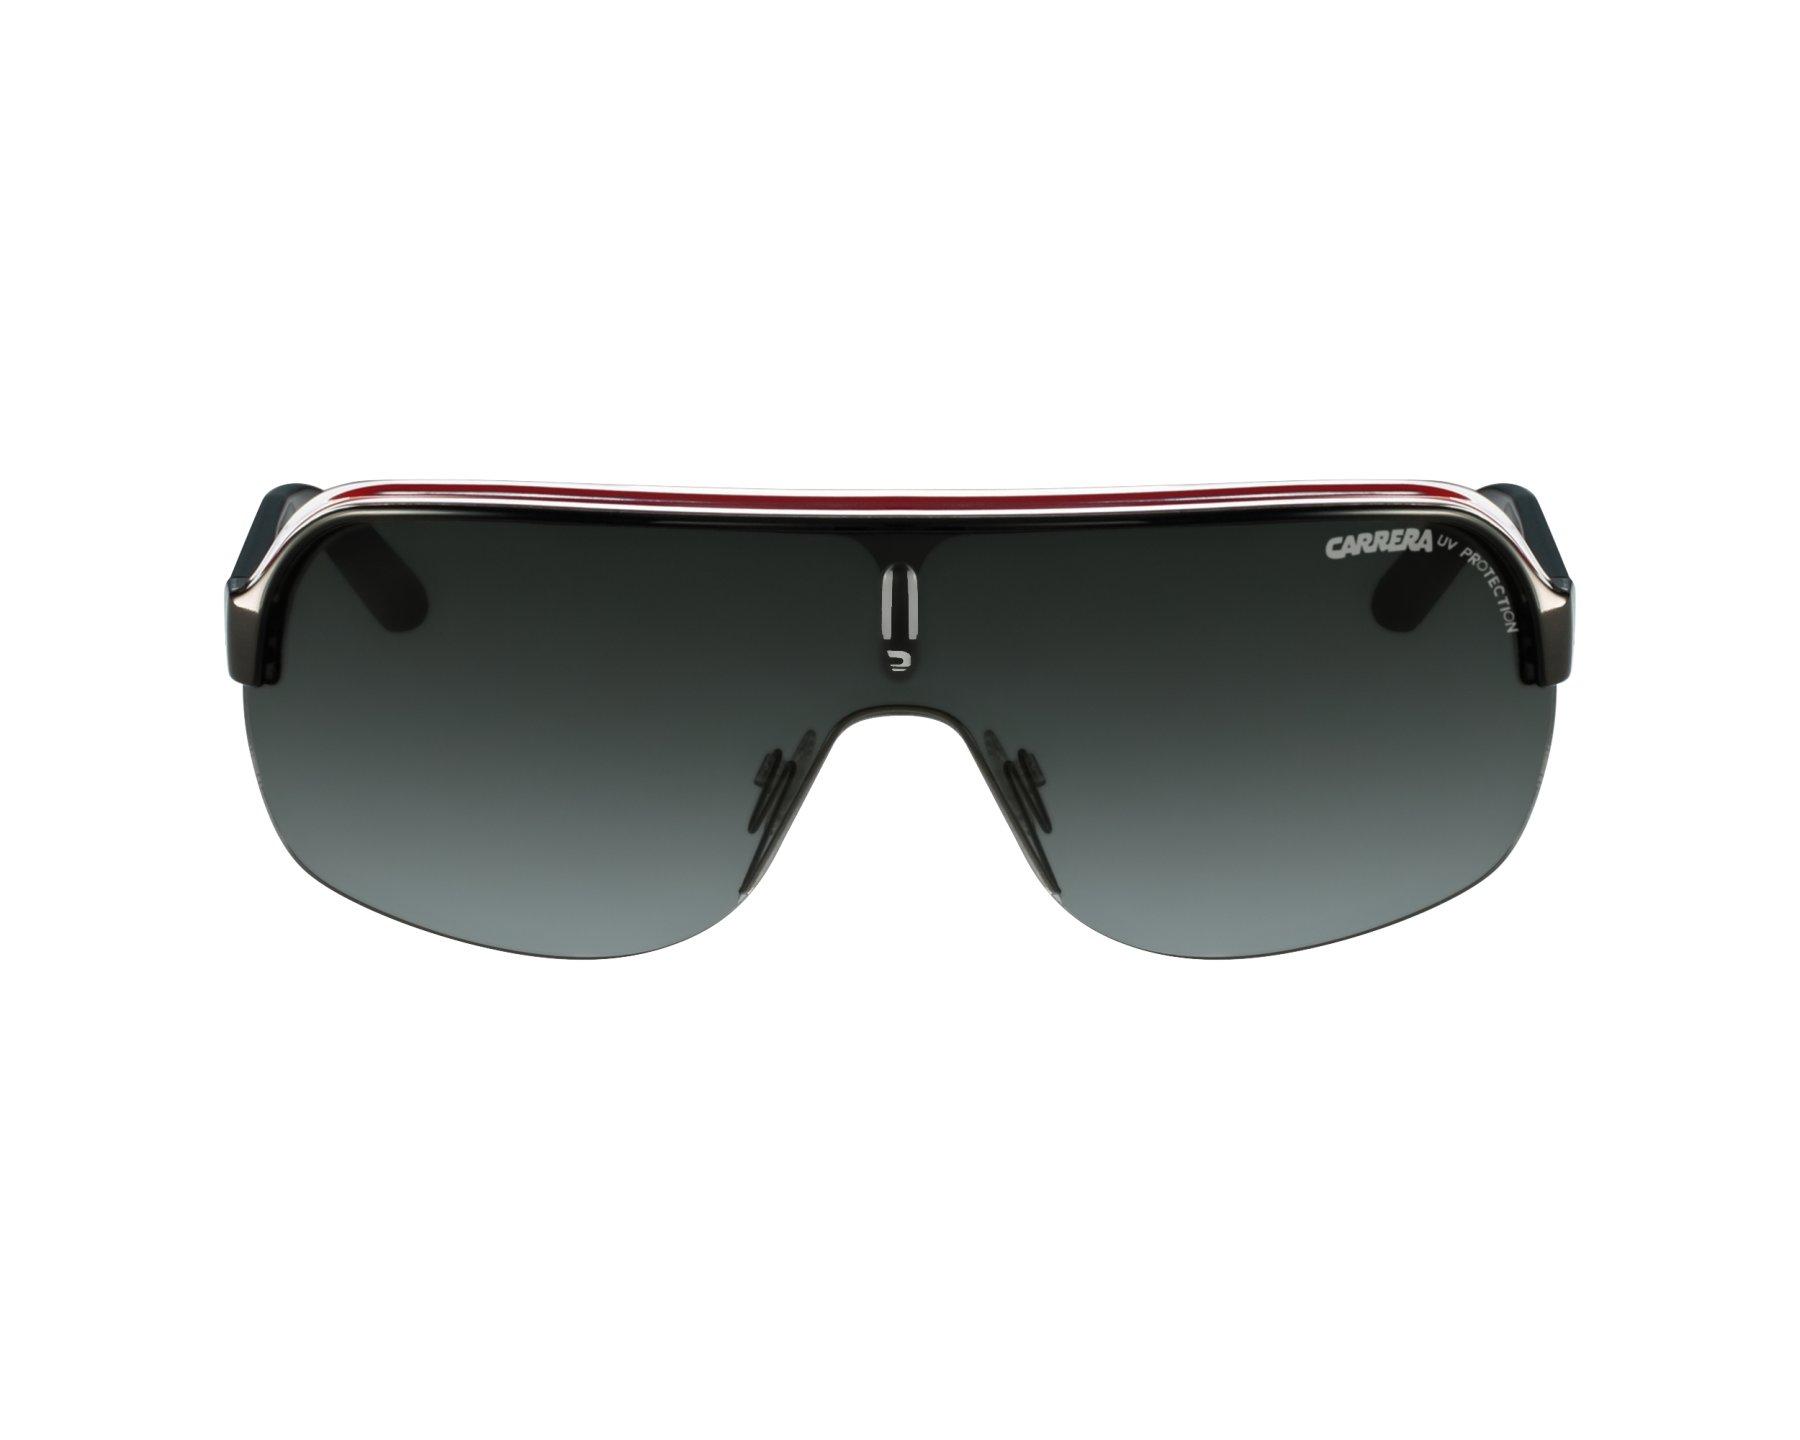 0bd6840de8e2d Sunglasses Carrera Topcar-1 KB0 PT - Red Crystal profile view